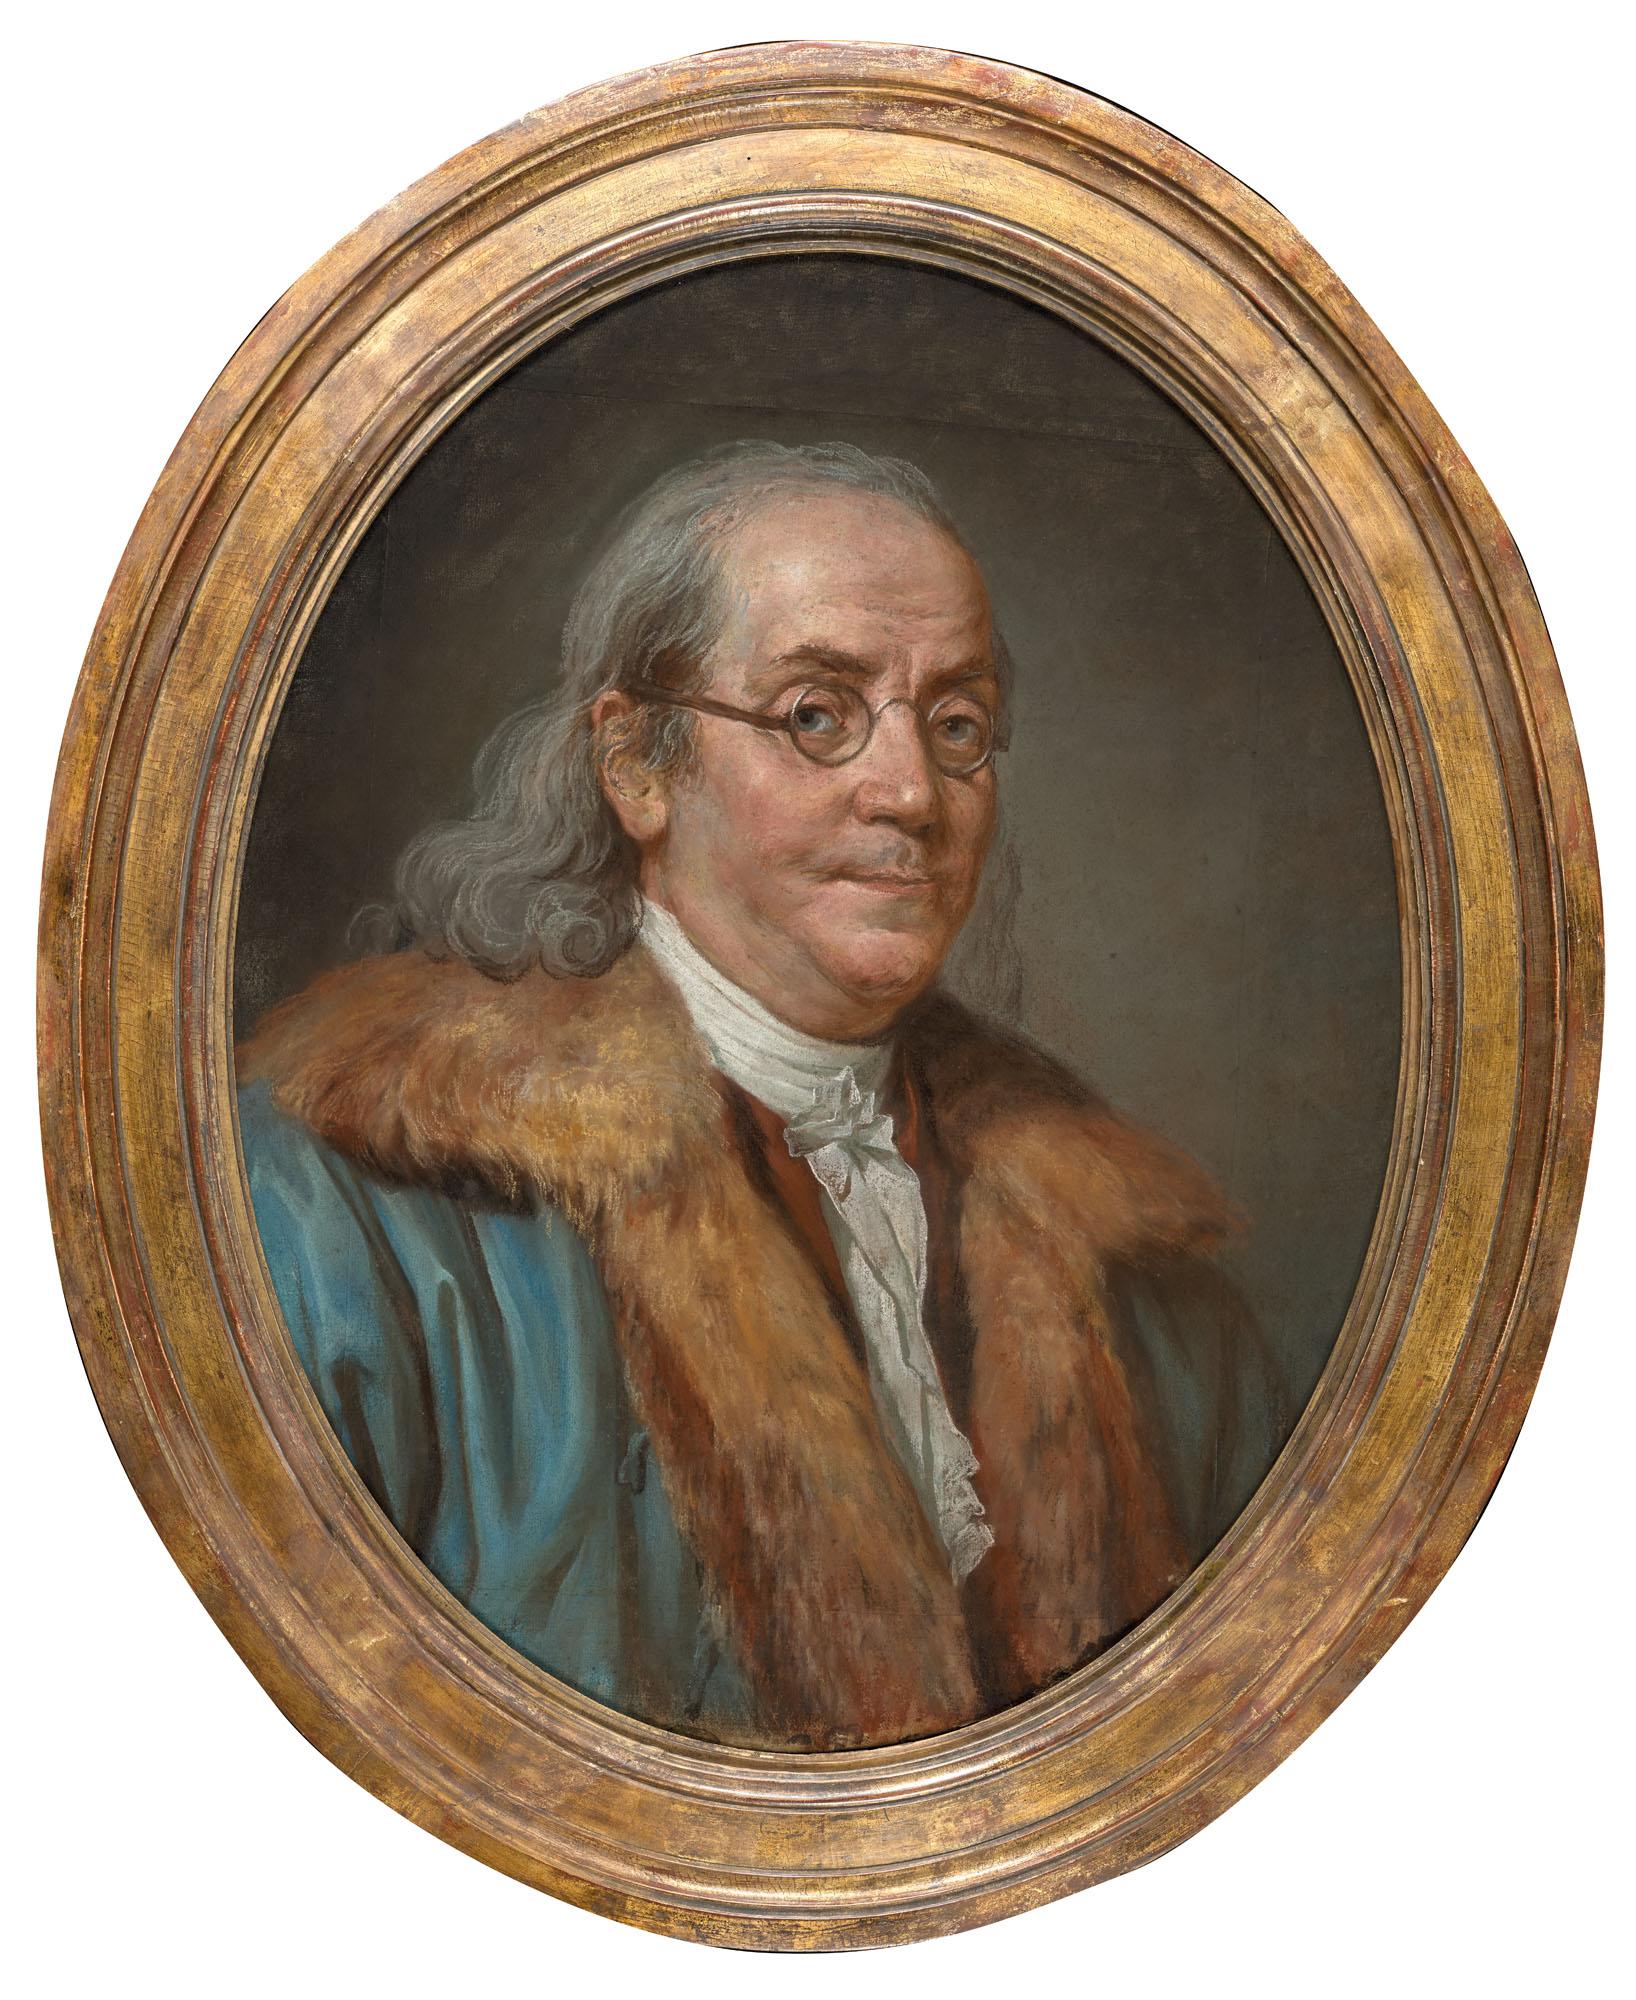 JOSEPH DUCREUX (NANCY 1735-1802 PARIS)